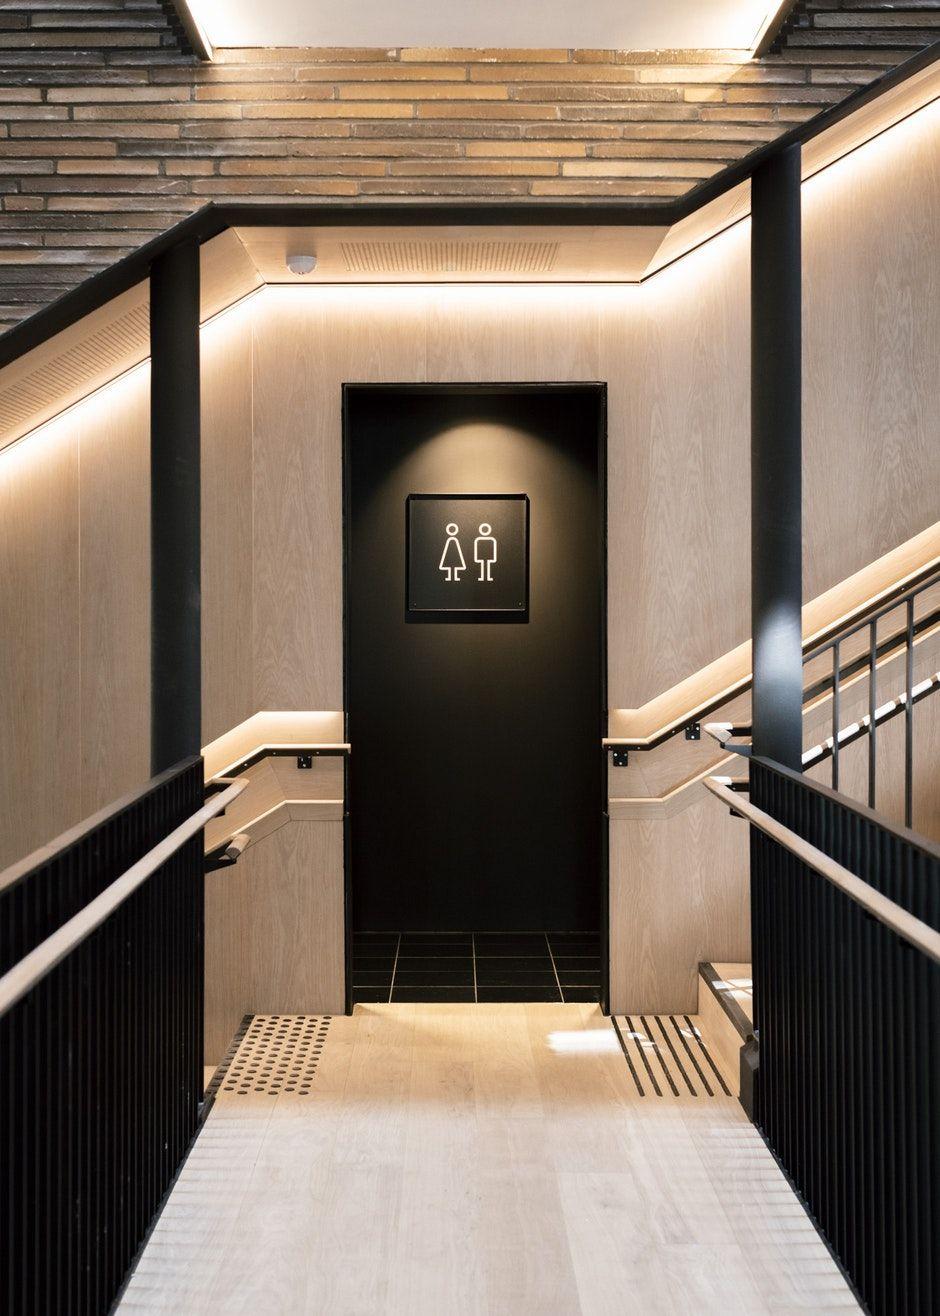 S5 Metric (en) Commercial design, Toilet signage